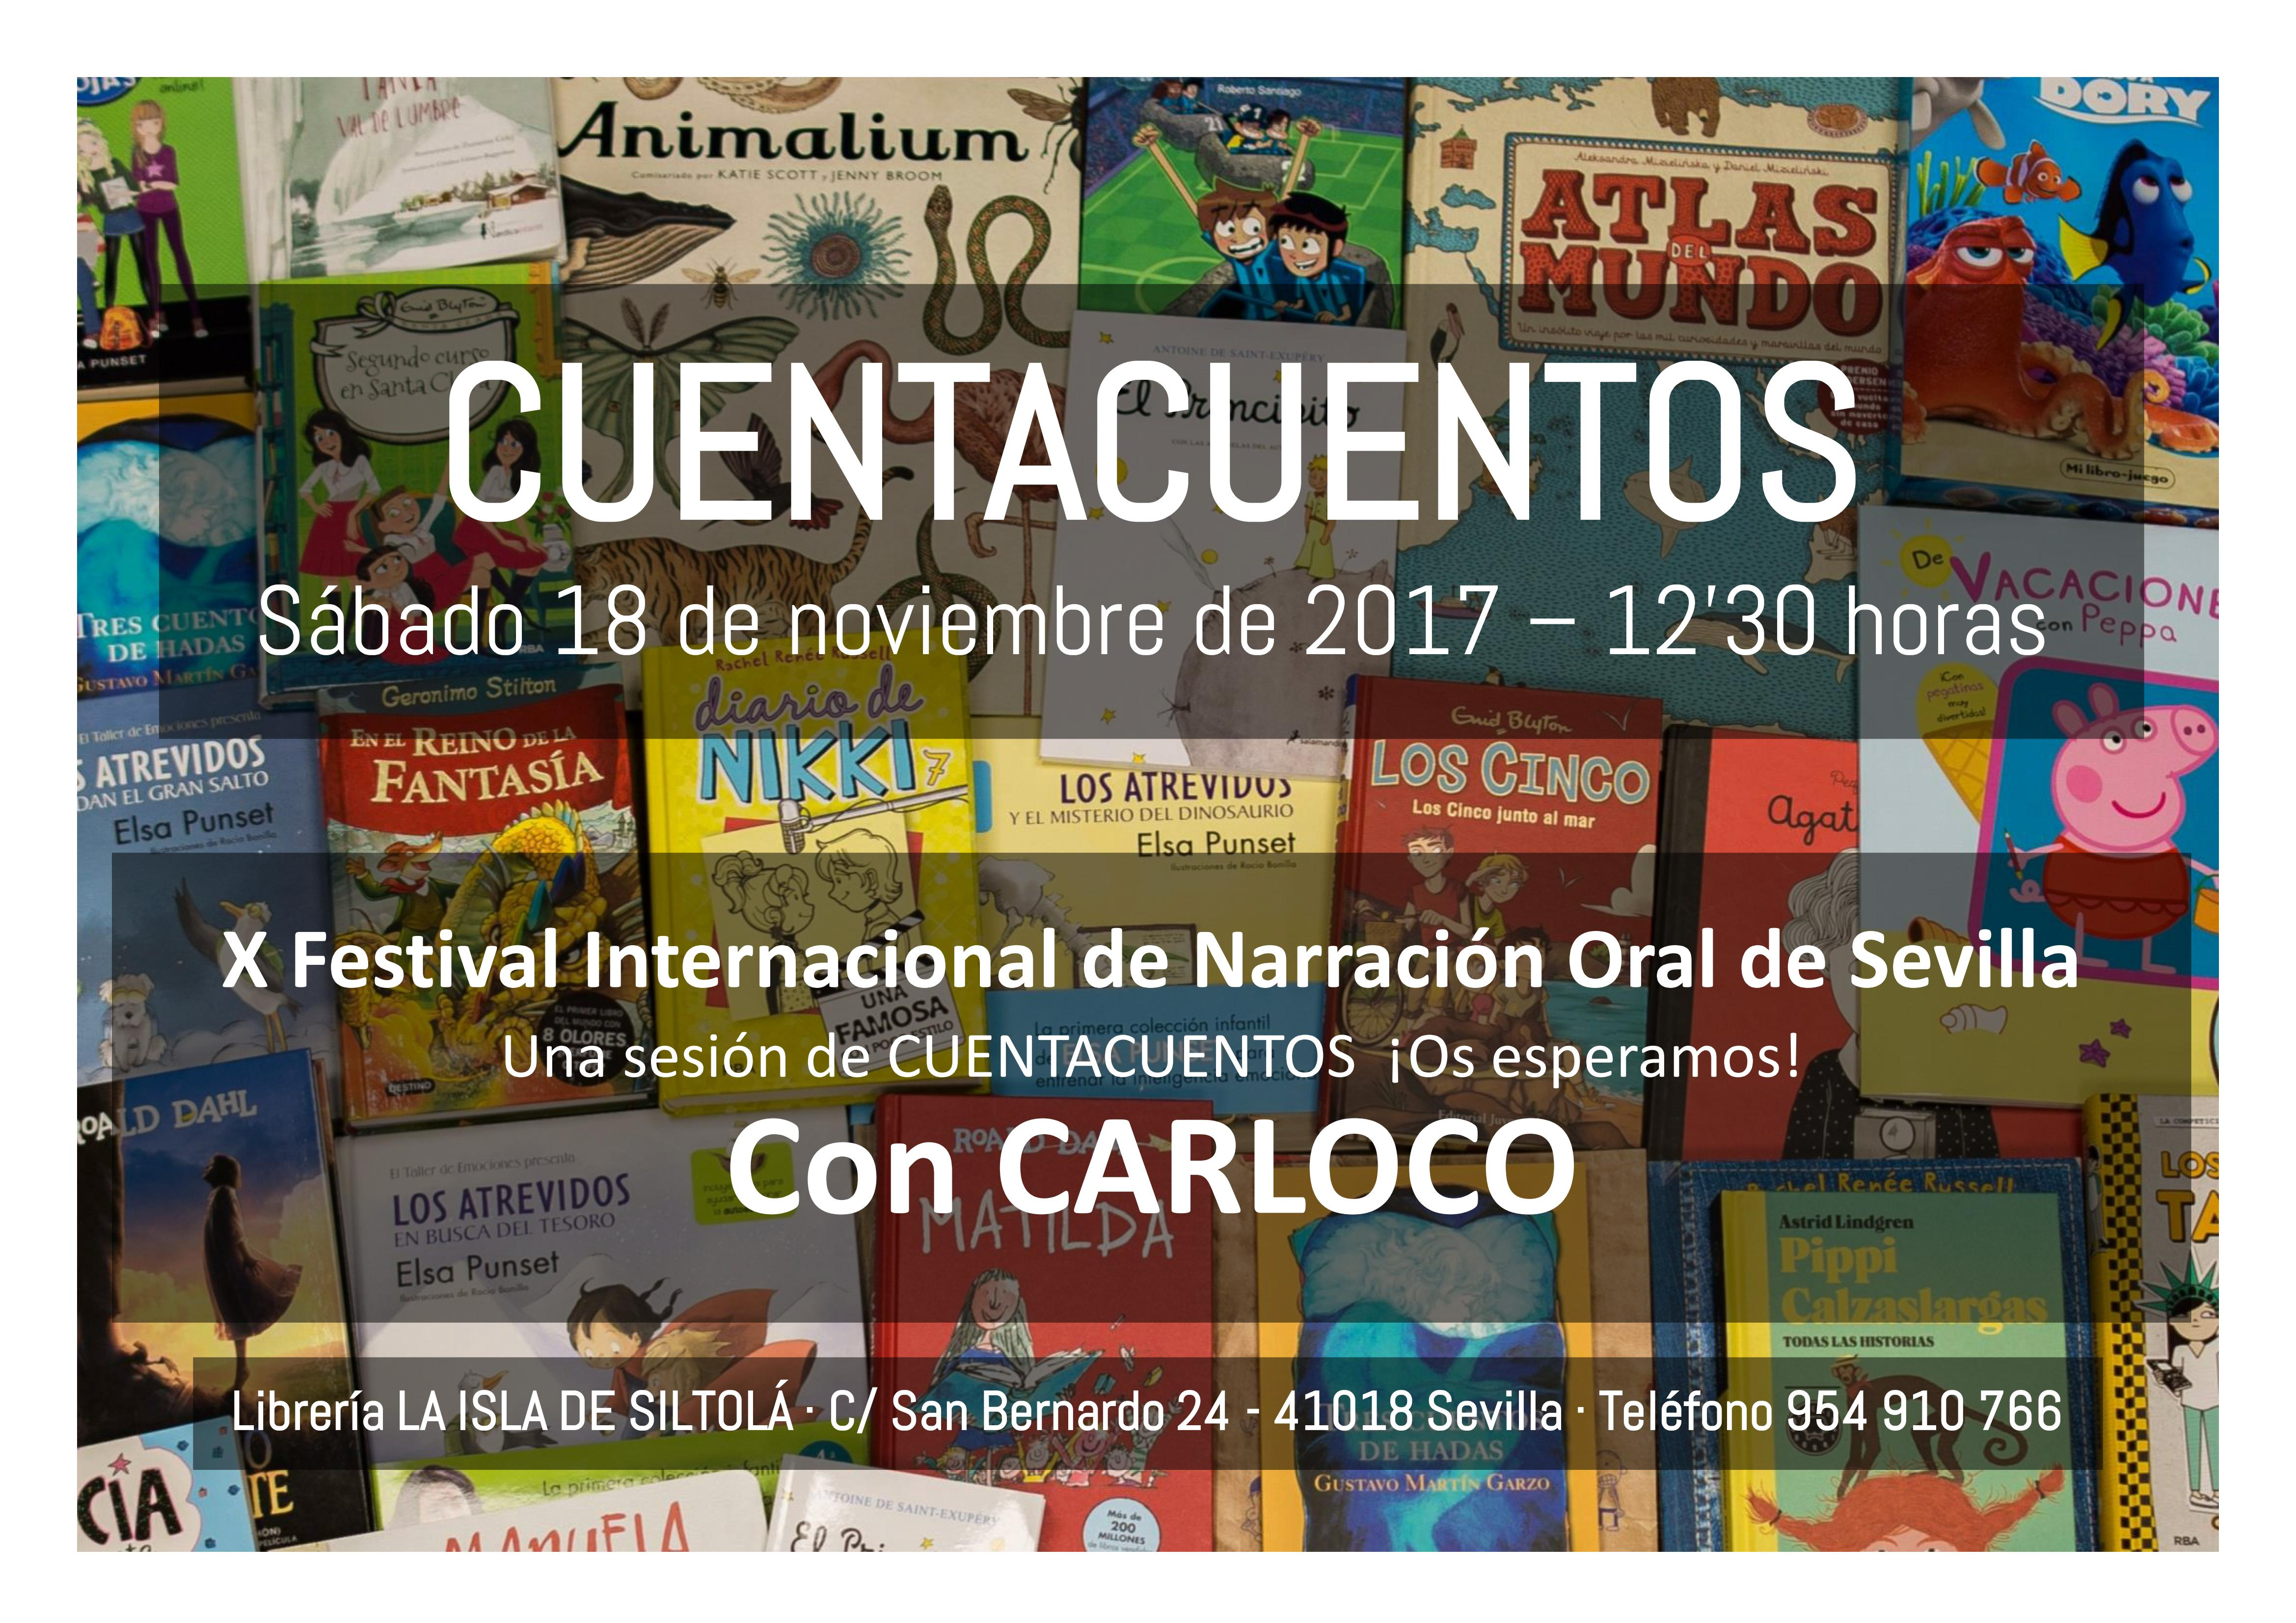 X Festival Internacional de Narración Oral de Sevilla